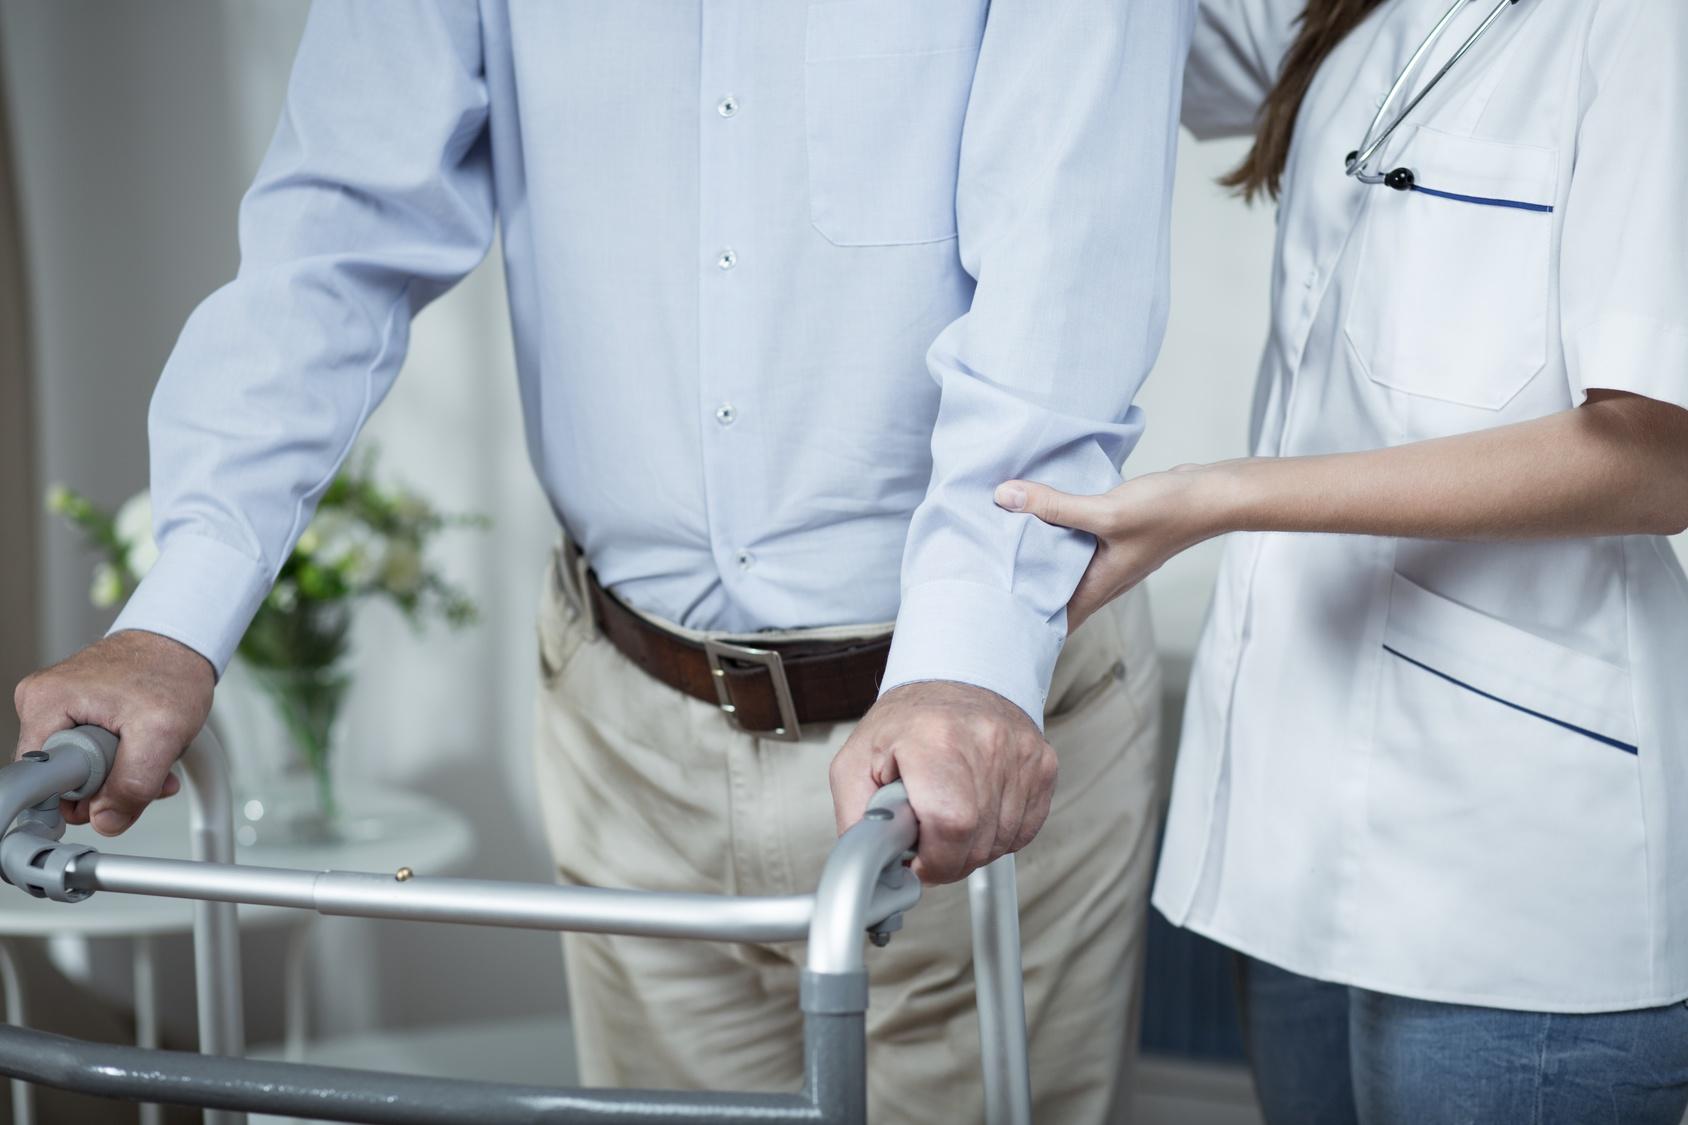 fisioterapia neurologica a domicilio